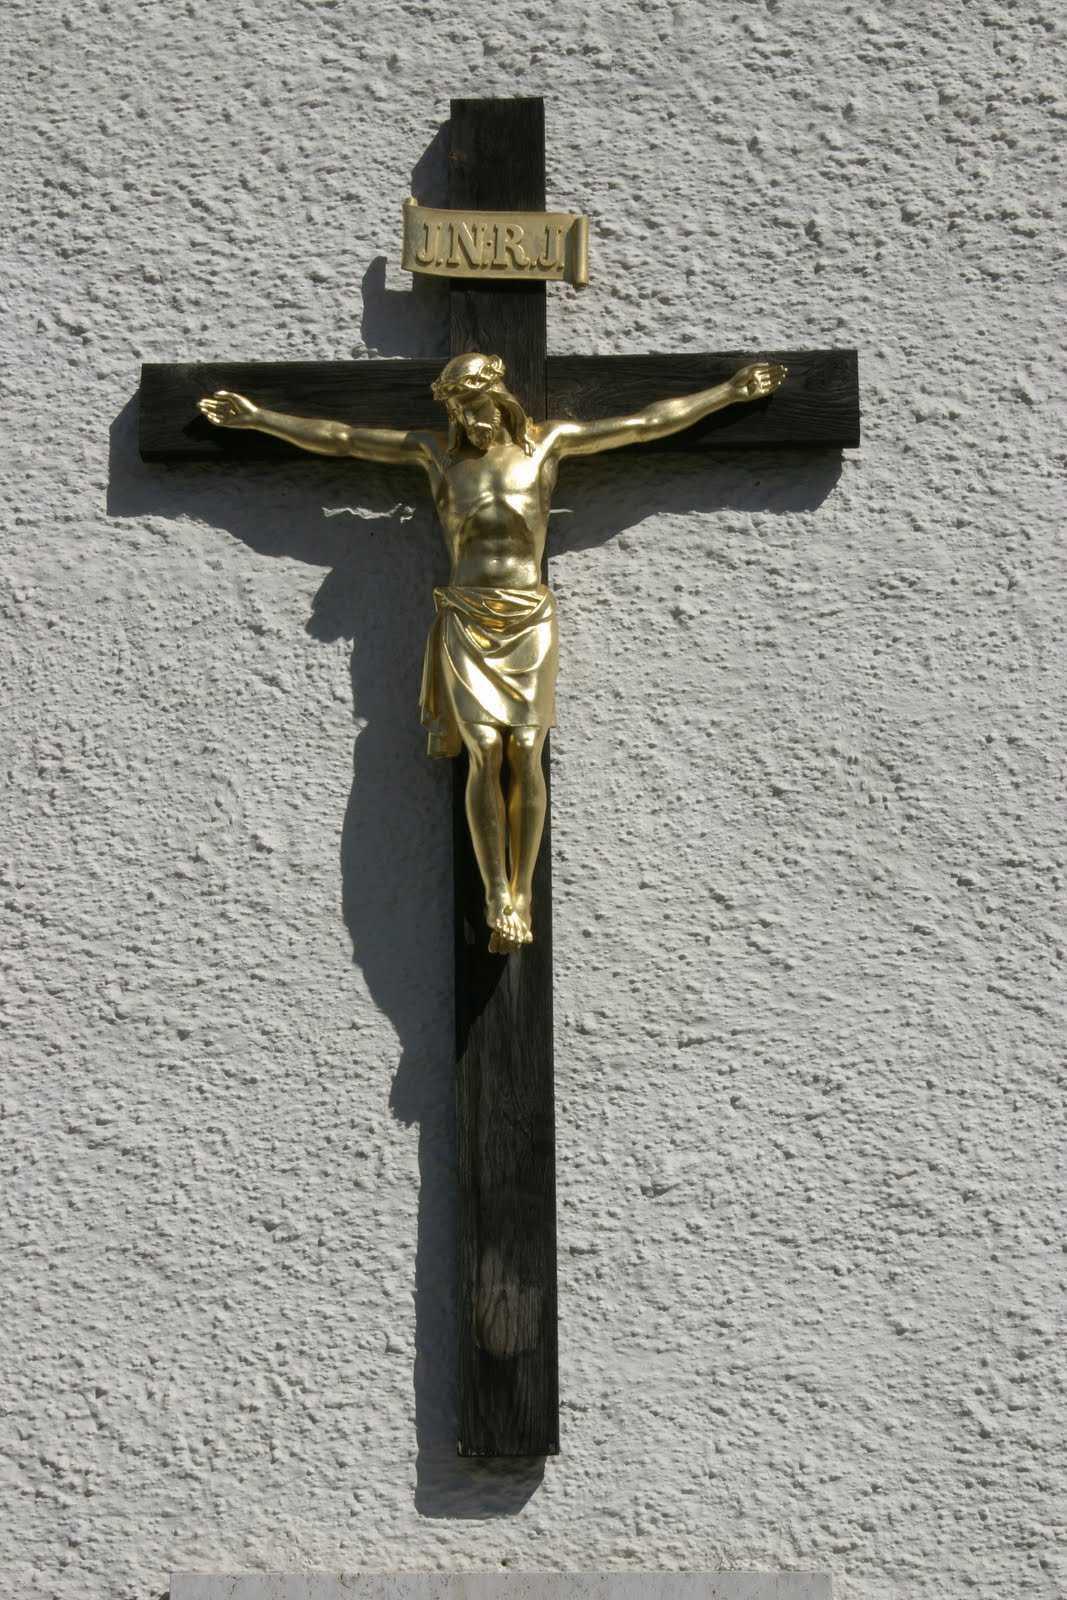 CEDO <i>ingaduie</i> crucifixul in scoli, considerand ca expunerea &#8220;pasiva&#8221; a unui simbol religios nu este indoctrinare. CE SE INTAMPLA IN CAZUL EXPUNERII &#8220;ACTIVE&#8221;?